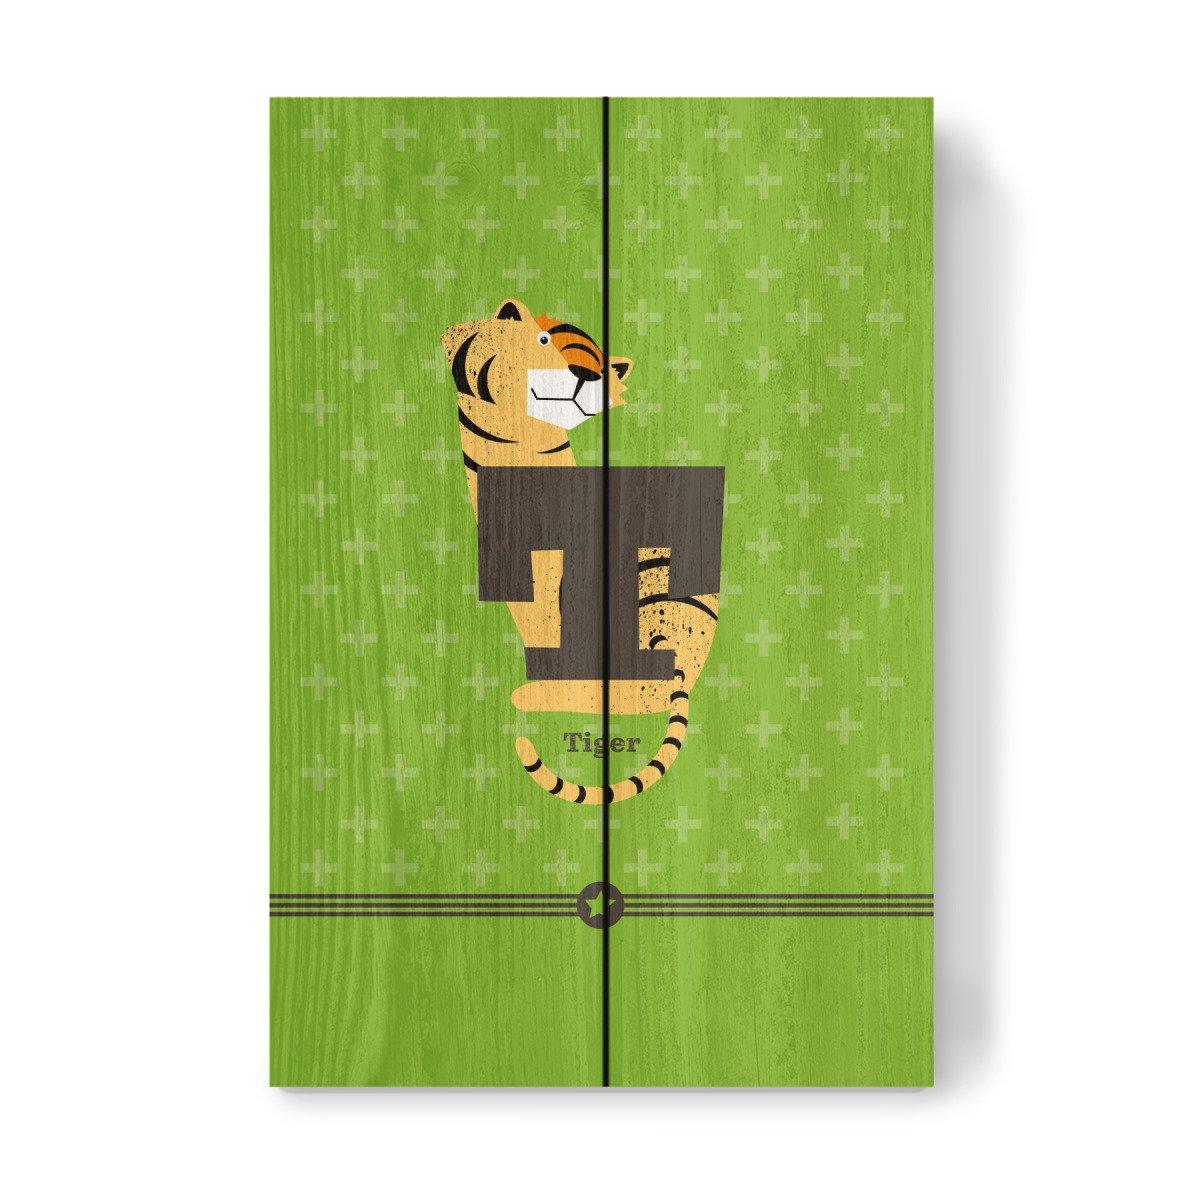 artboxONE Holzbild 30x20 cm F/ür Kinder T wie Tiger von K/ünstler Pia Kolle